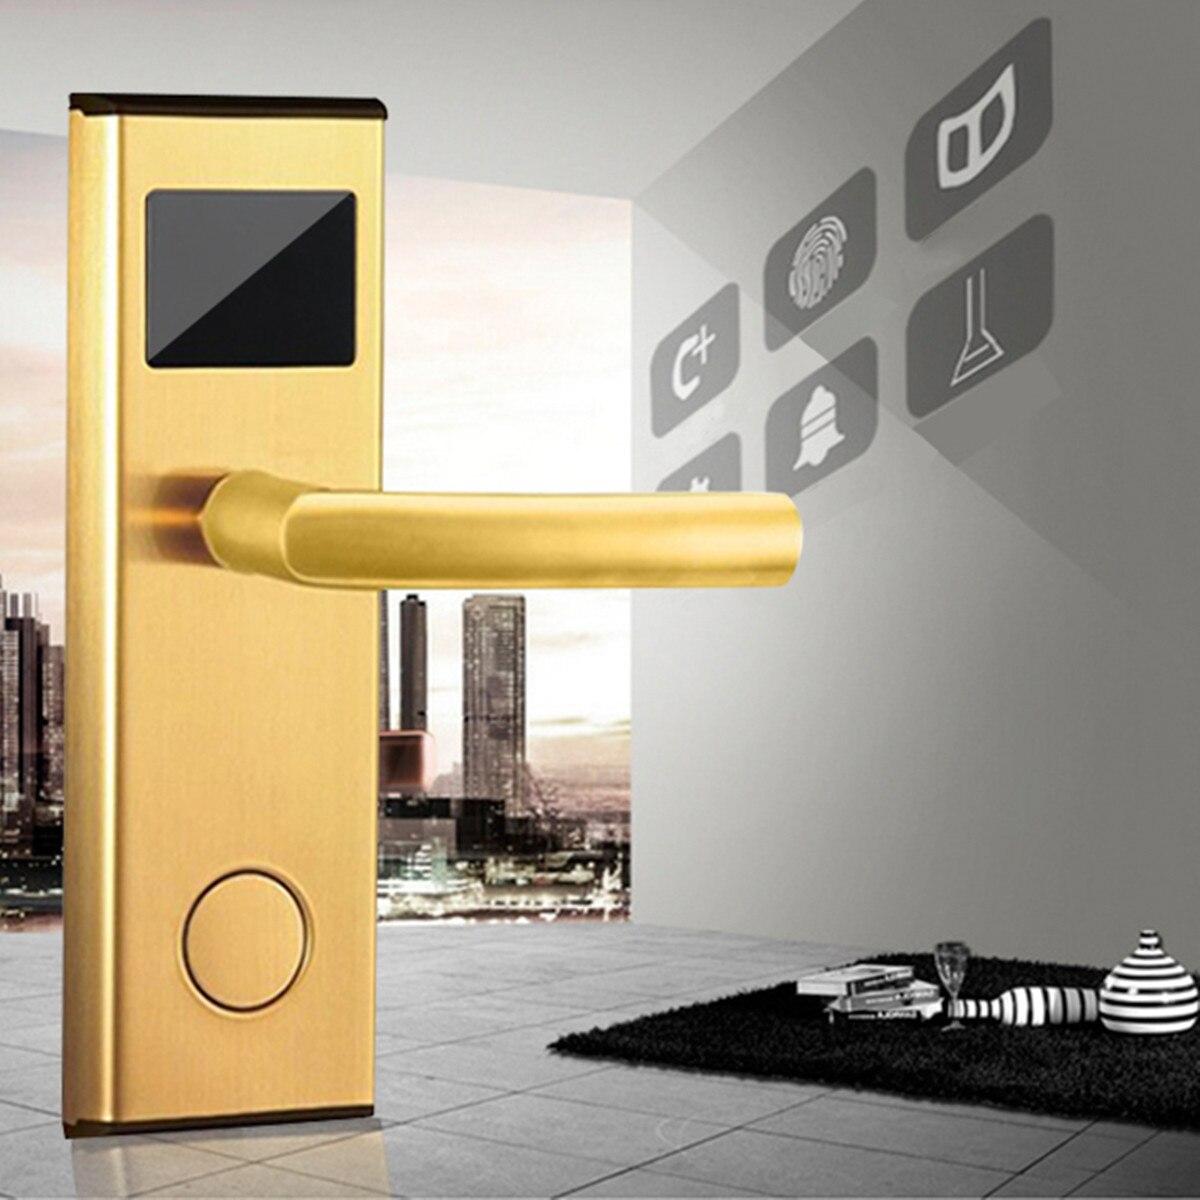 Sistema di Blocco della porta Oro/Argento In Acciaio Inox Intelligente RFID Scheda Digitale Chiave di Sblocco Hotel Anti-ruggine Anti- corrosione Statica